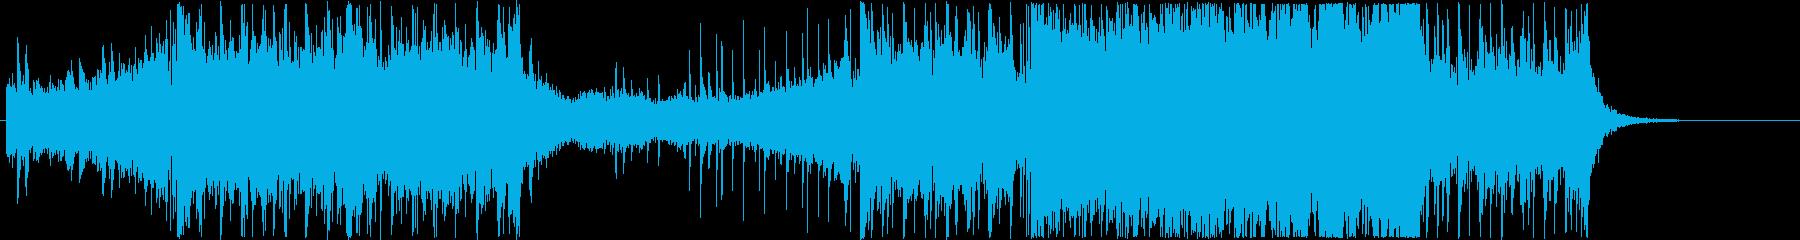 レイドボス戦闘シーン2の再生済みの波形